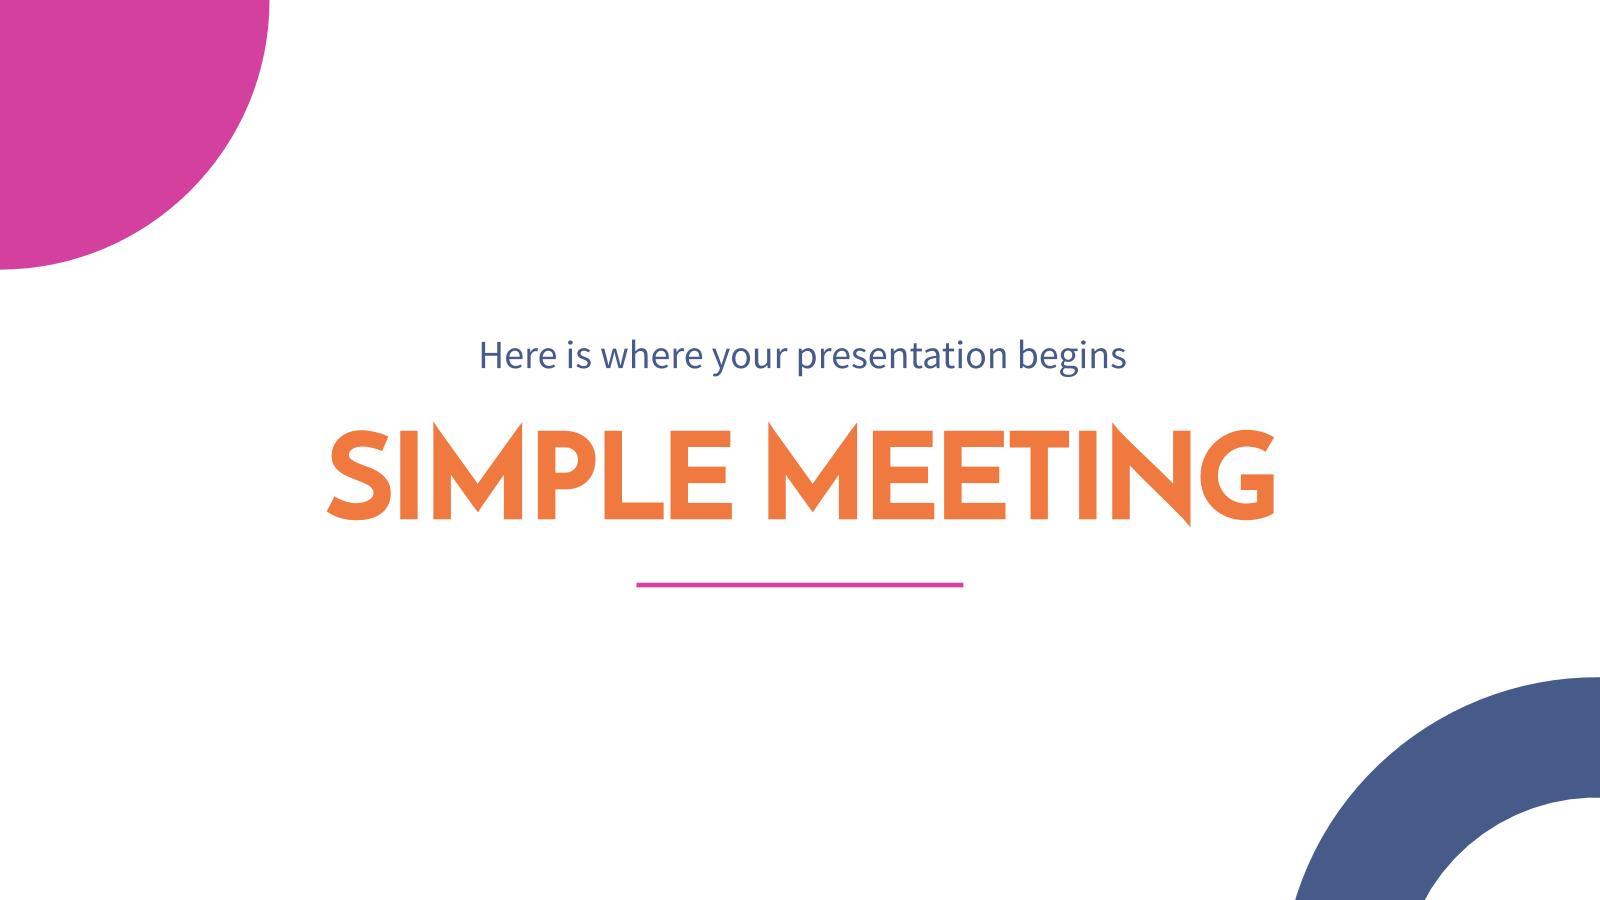 Plantilla de presentación Diseño sencillo para reuniones